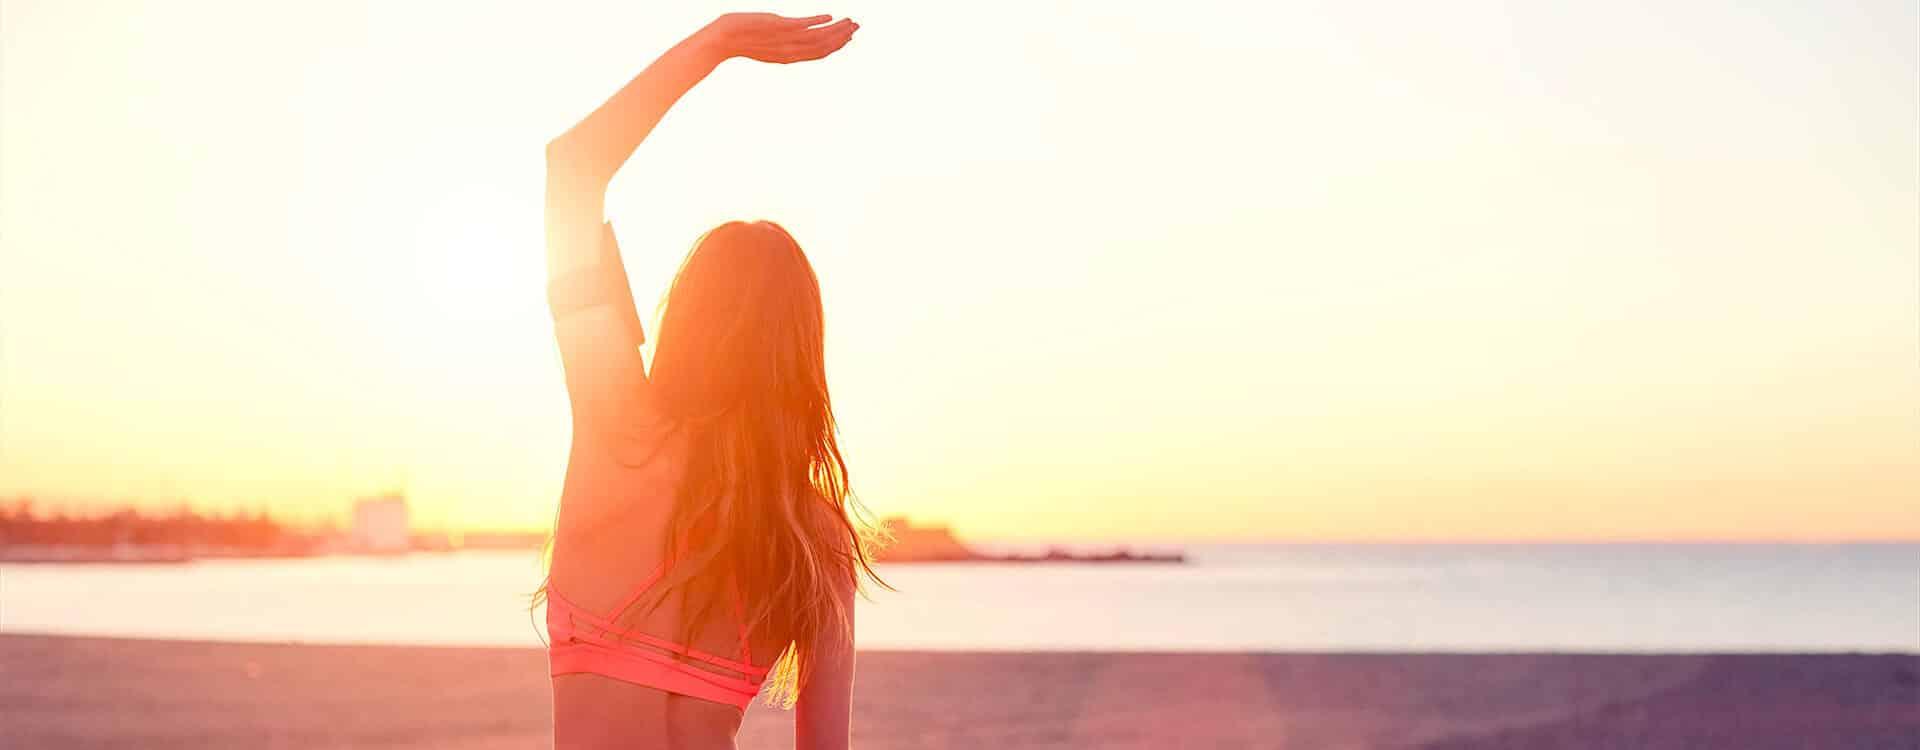 Junge Frau macht Yoga am Strand bei Sonnenuntergang und streckt ihre Wirbelsäule dabei durch